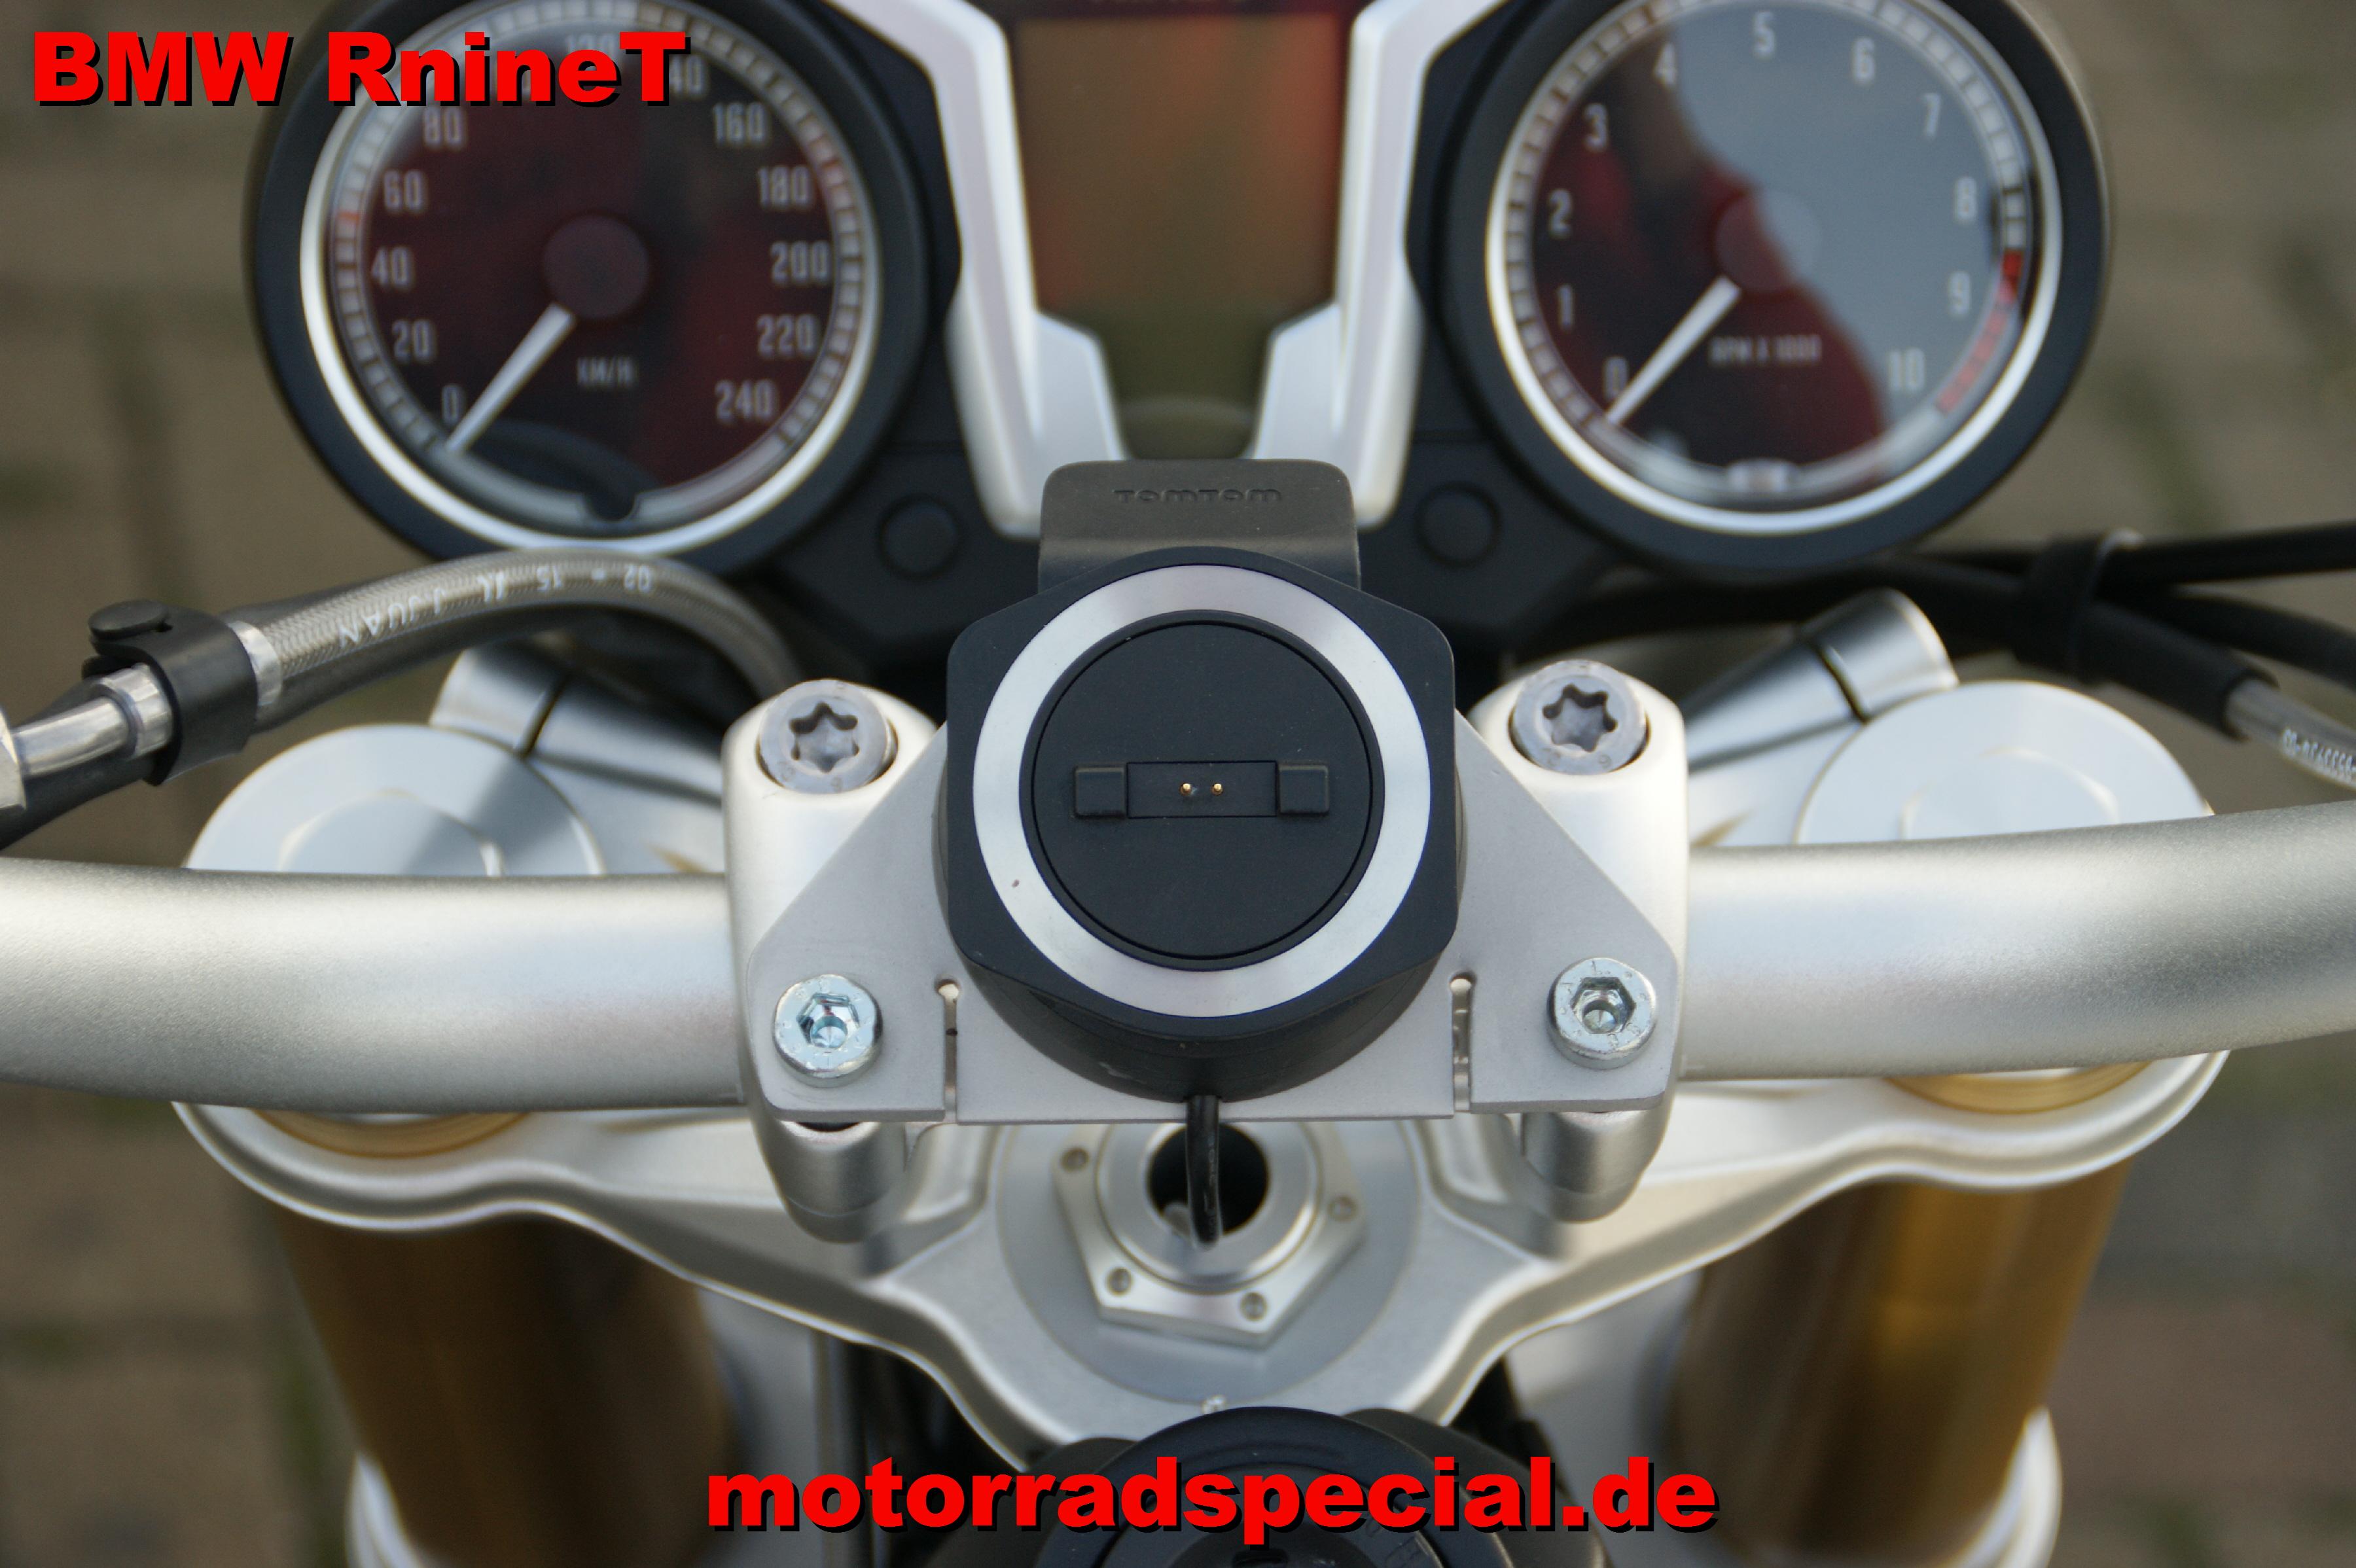 BMW_RnineT_Navigationshalter_Navihalter_Navihalterung_3